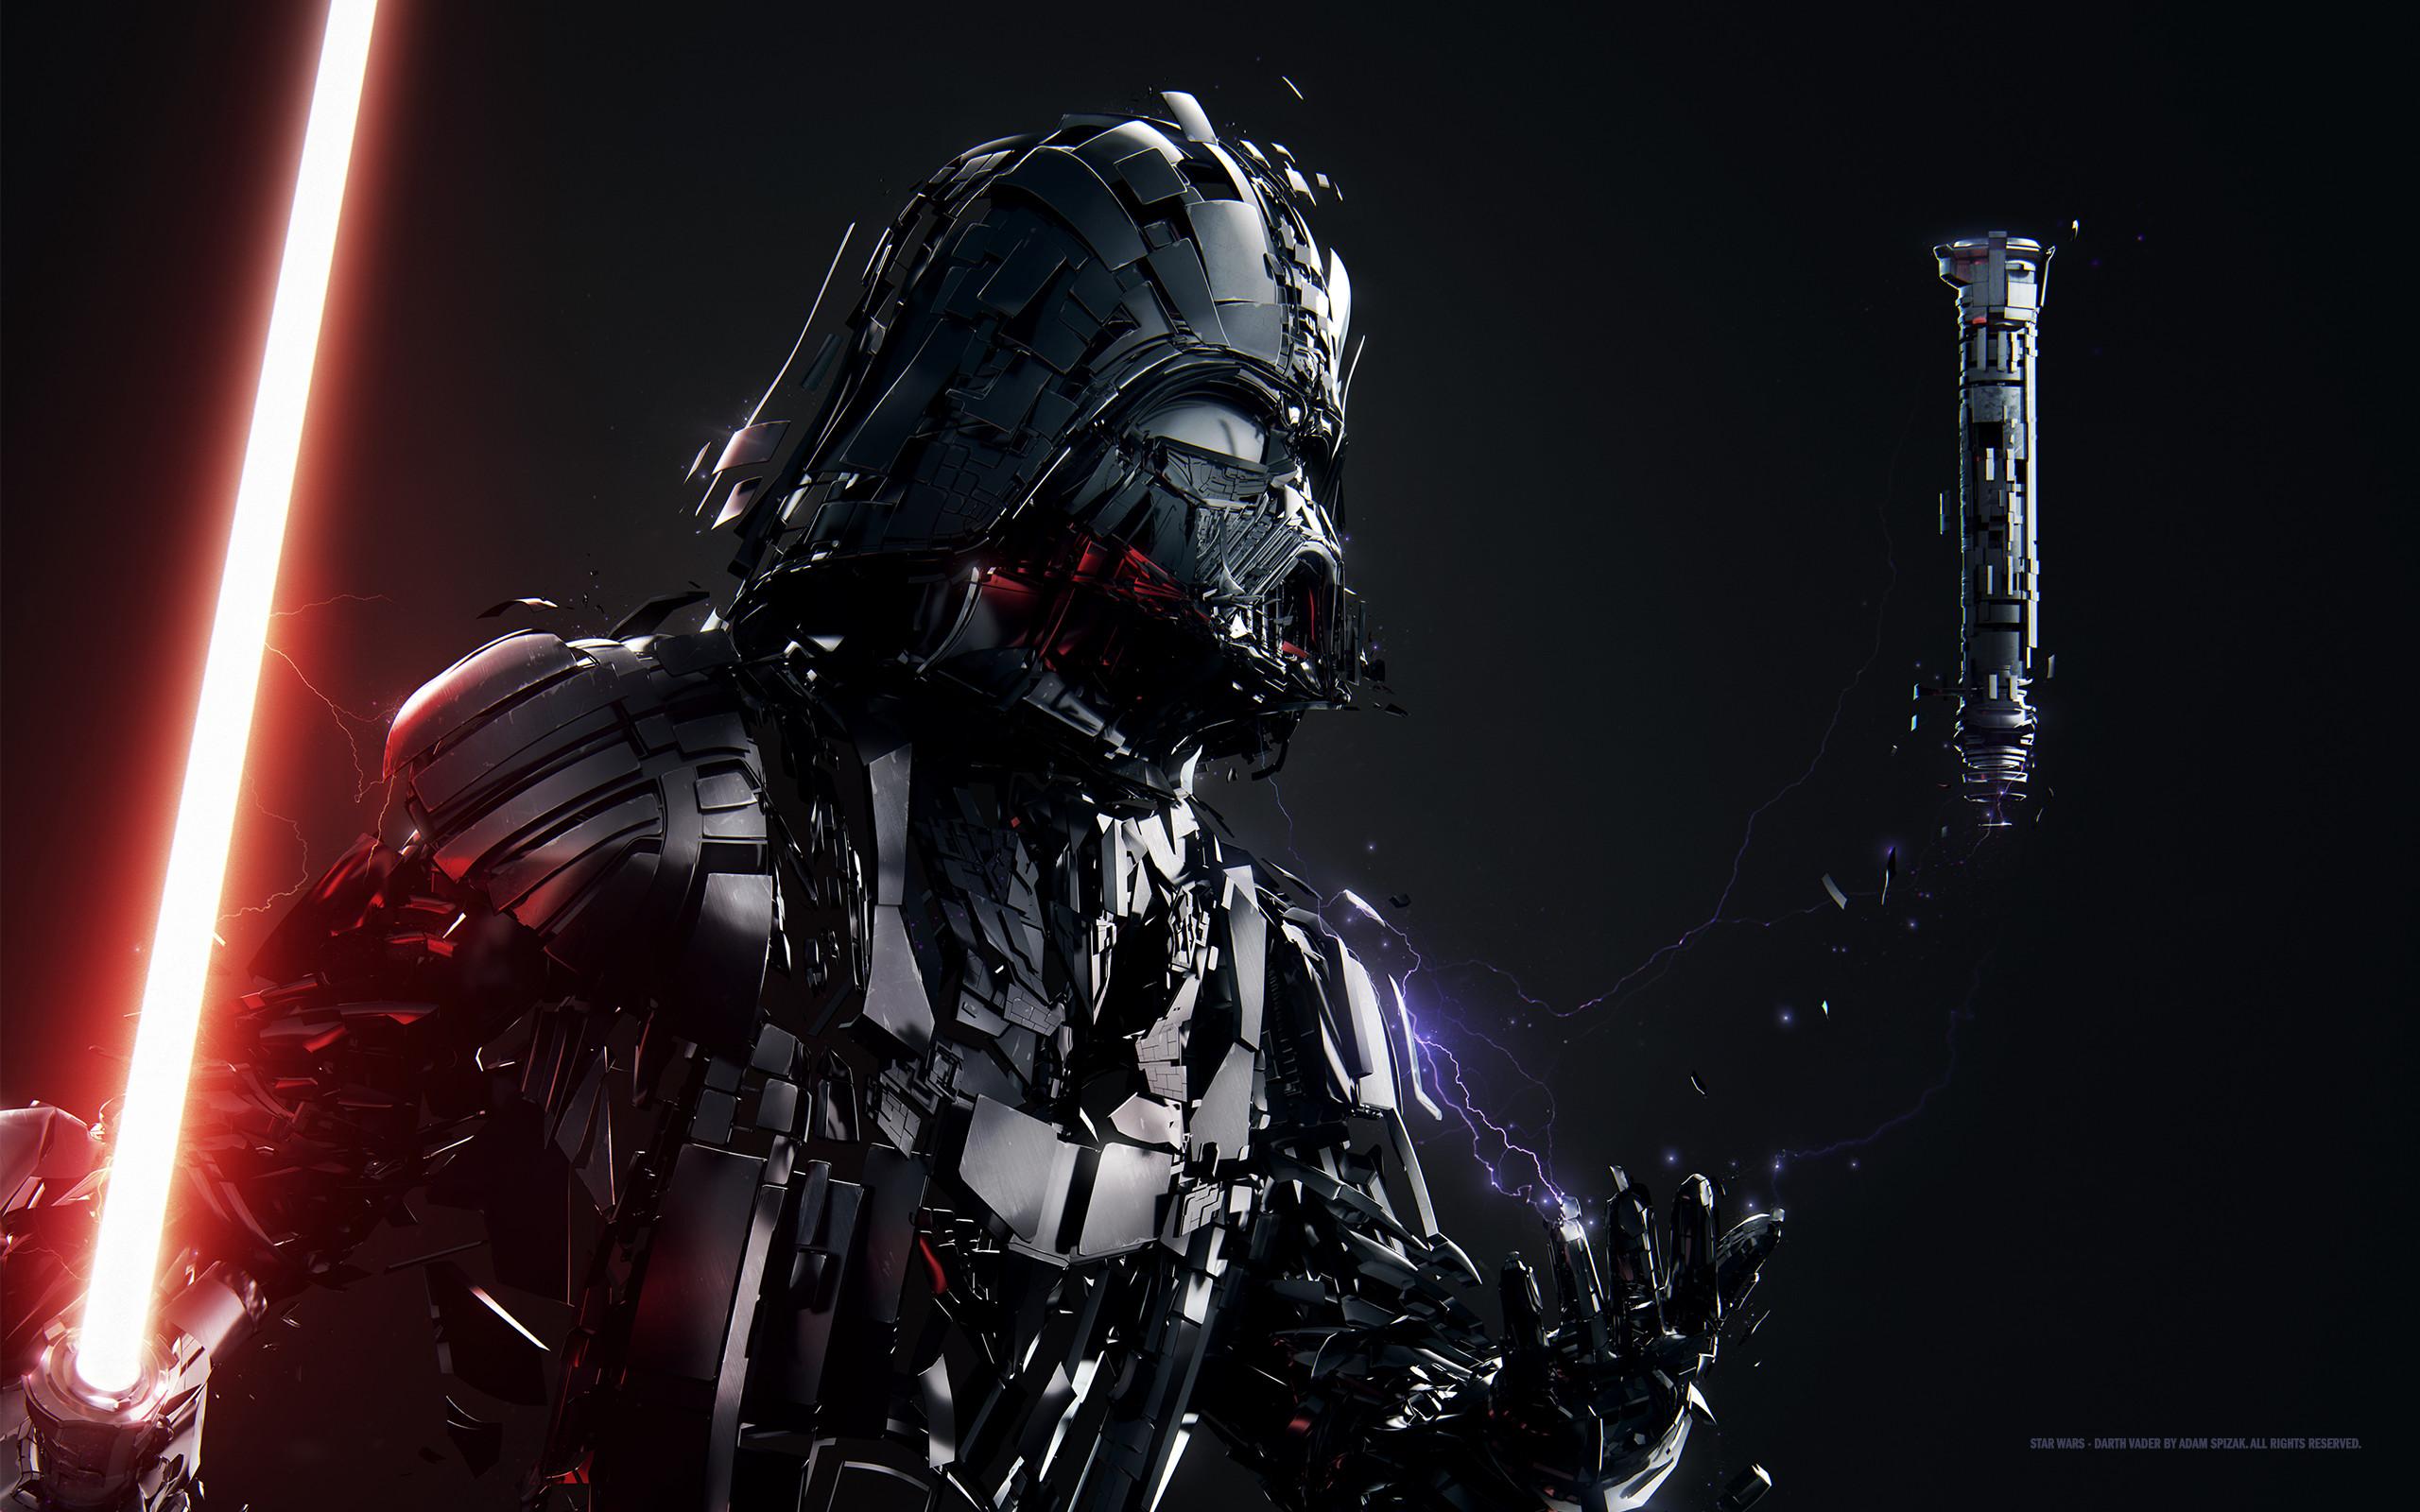 Sci Fi – Star Wars Darth Vader Lightsaber Wallpaper